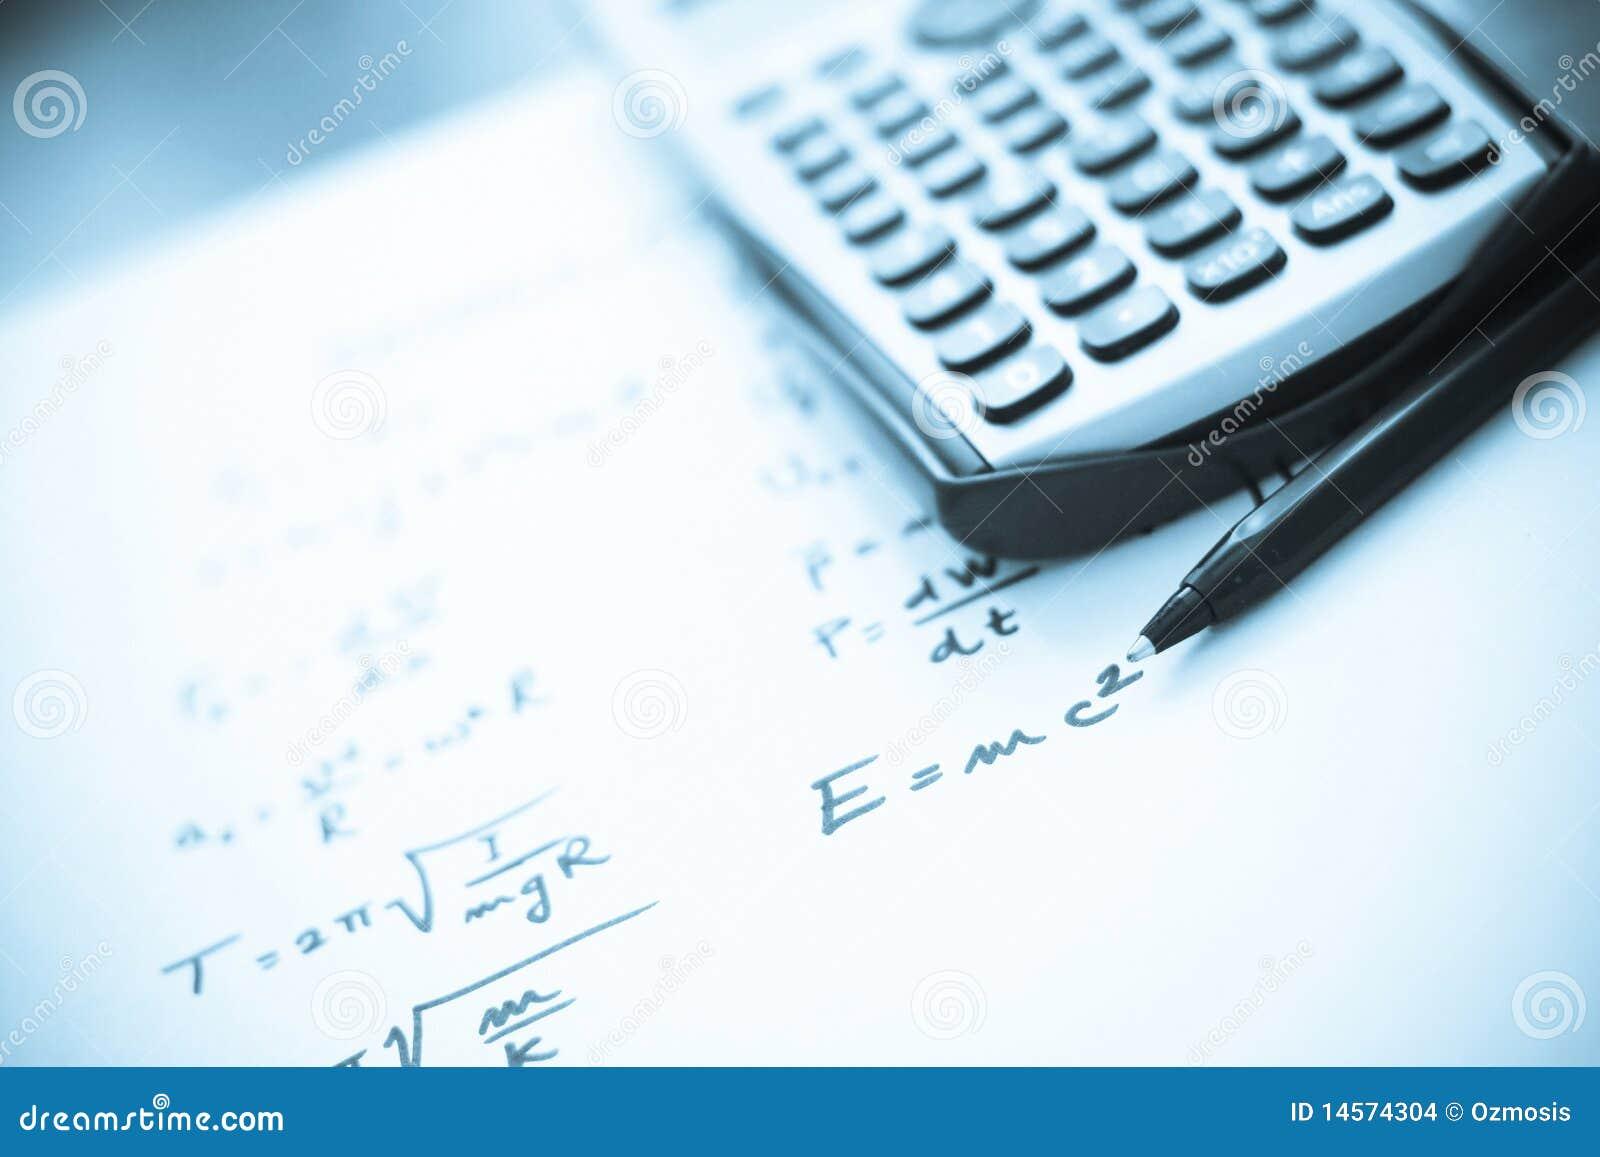 Physics essays written